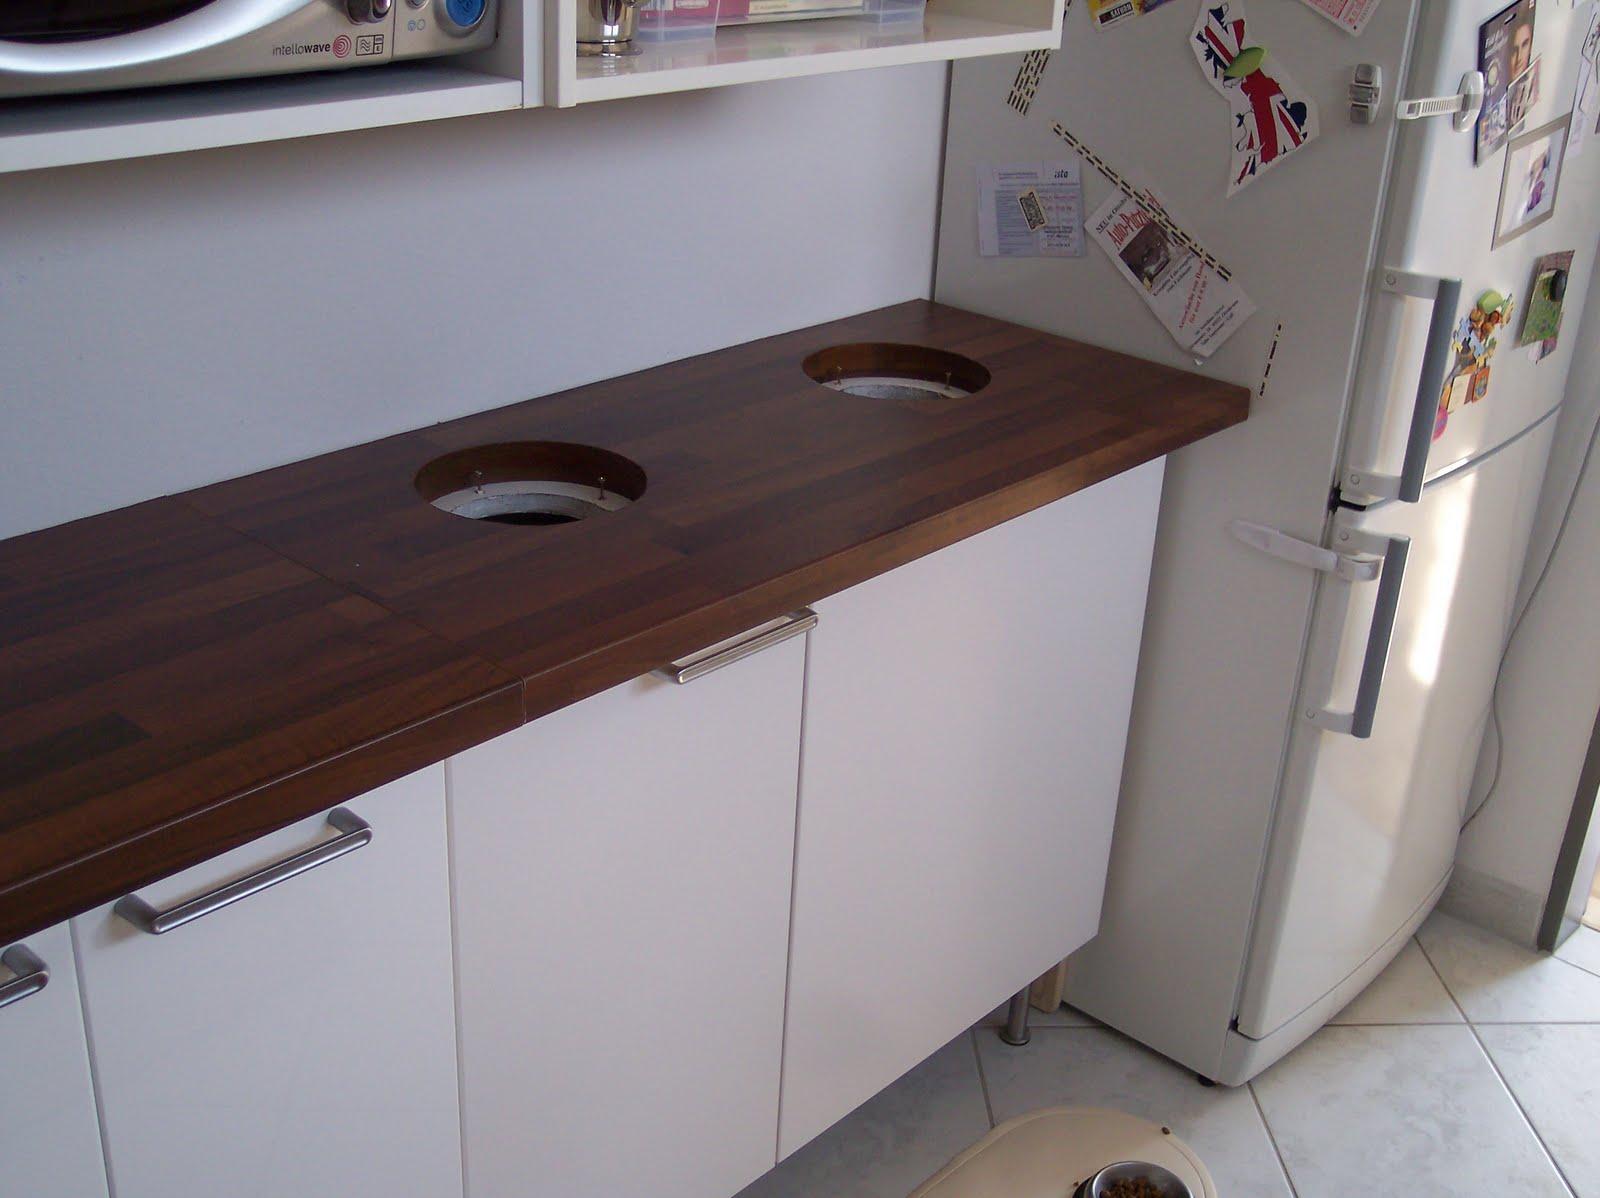 Uncategorized Kitchen Cabinet Recycle Bins recycling bin solution ikea hackers solution